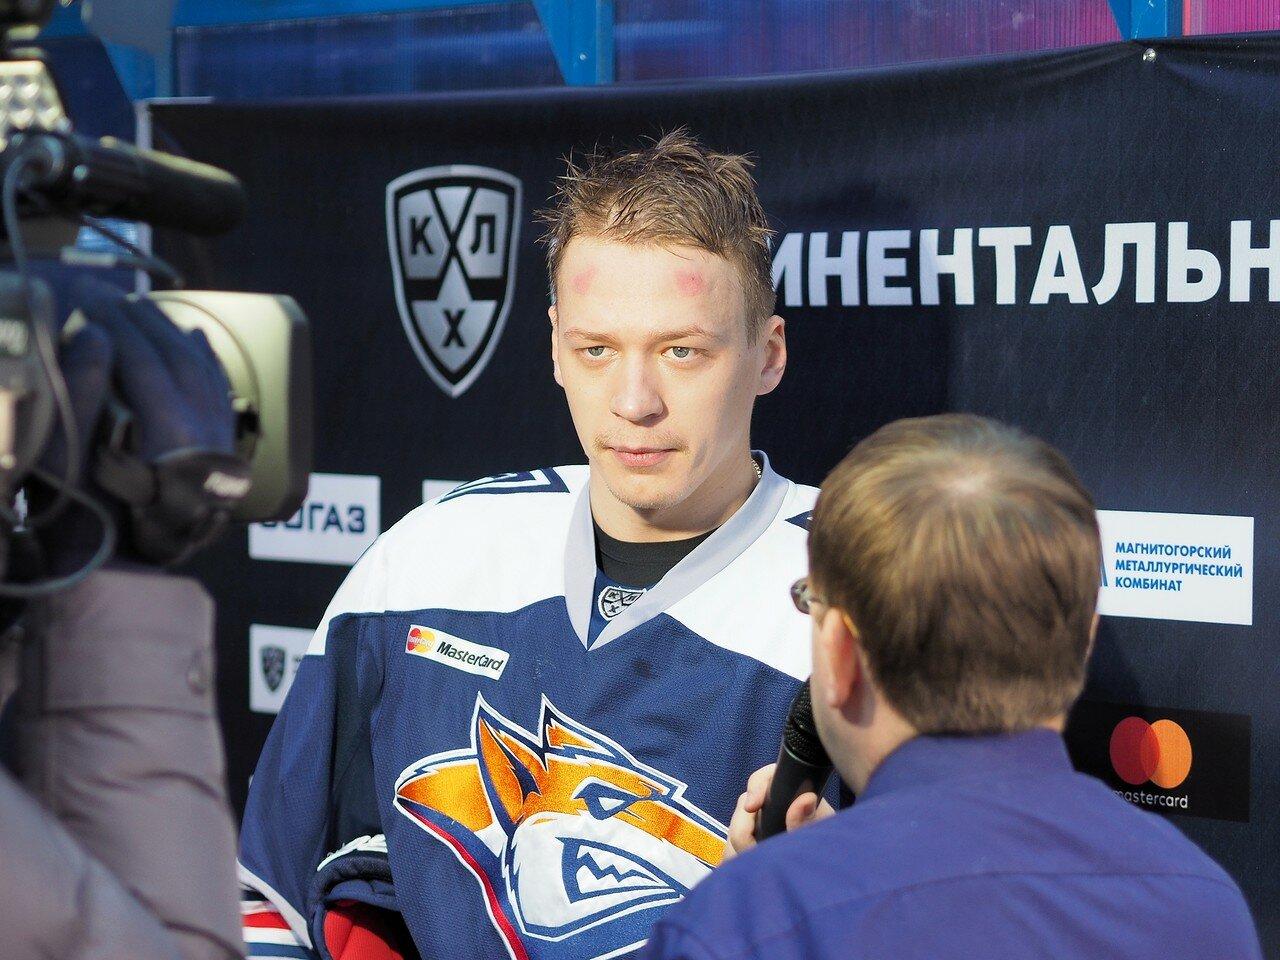 69 Денис Казионов Металлург - Локомотив 23.11.2016